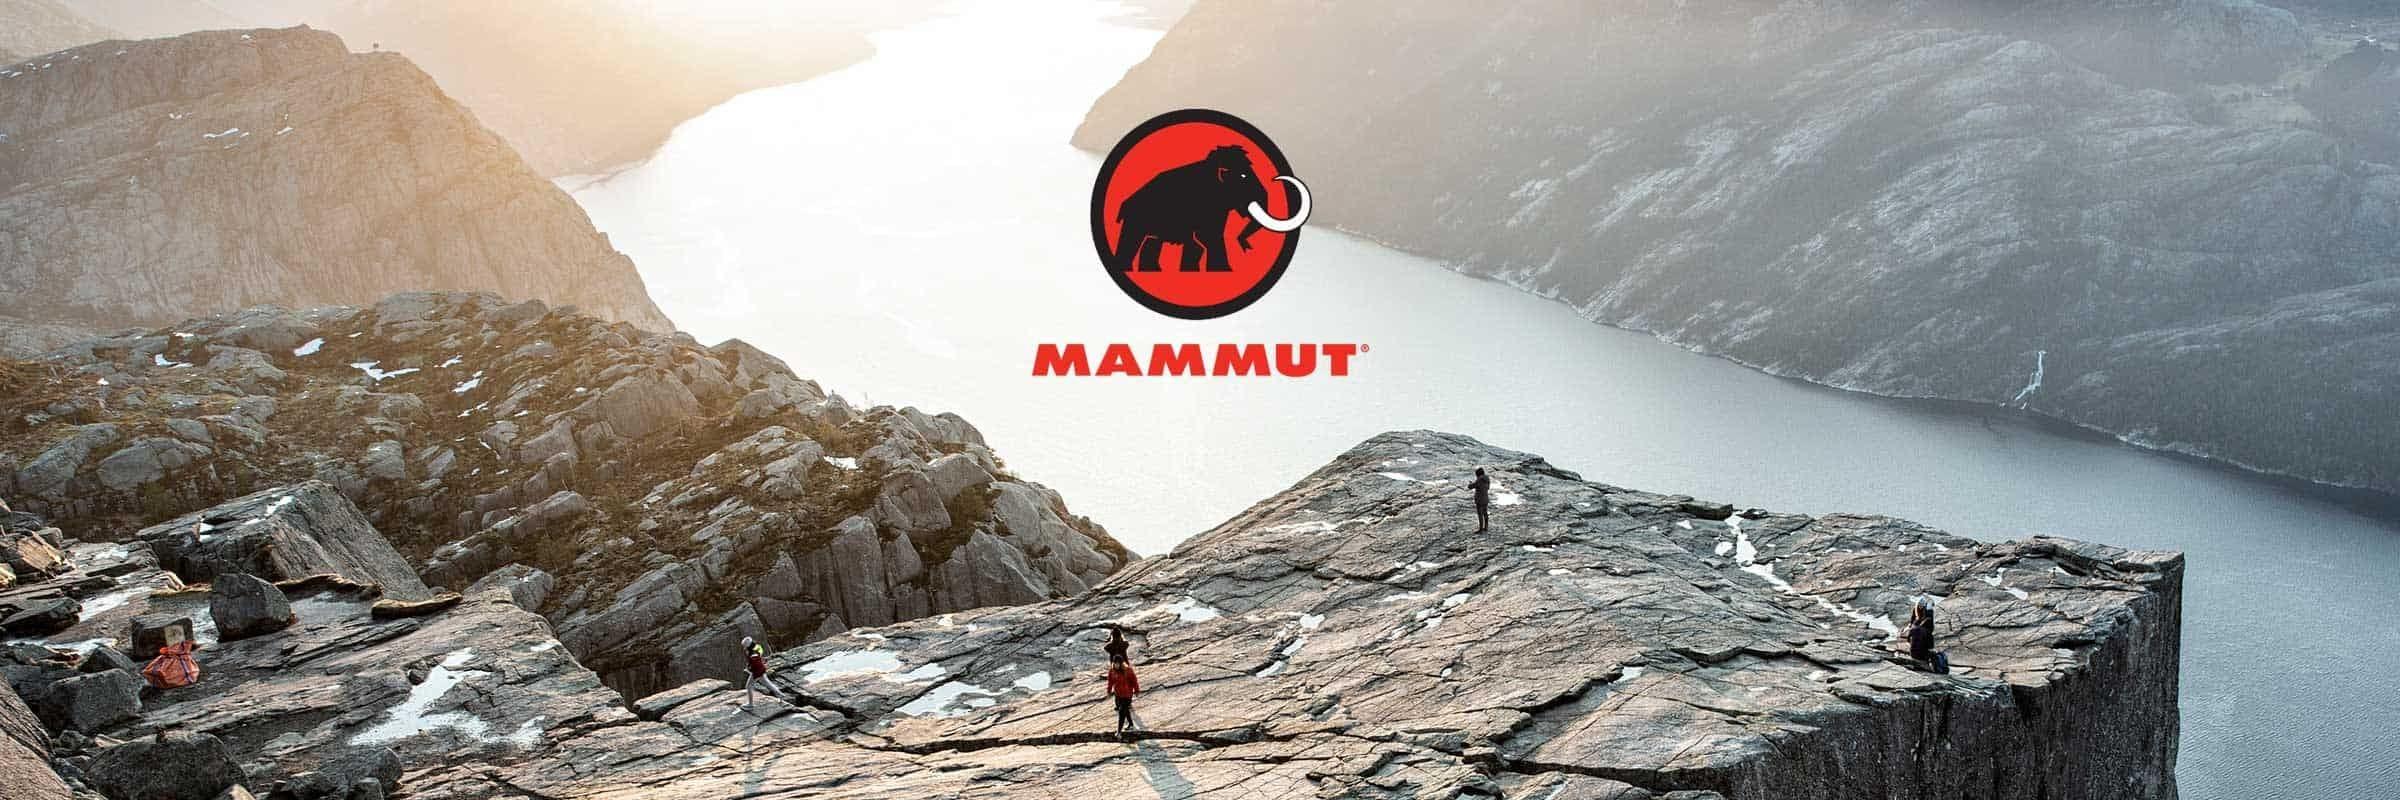 Mammut. Mammut: Heart of the Mountaineer